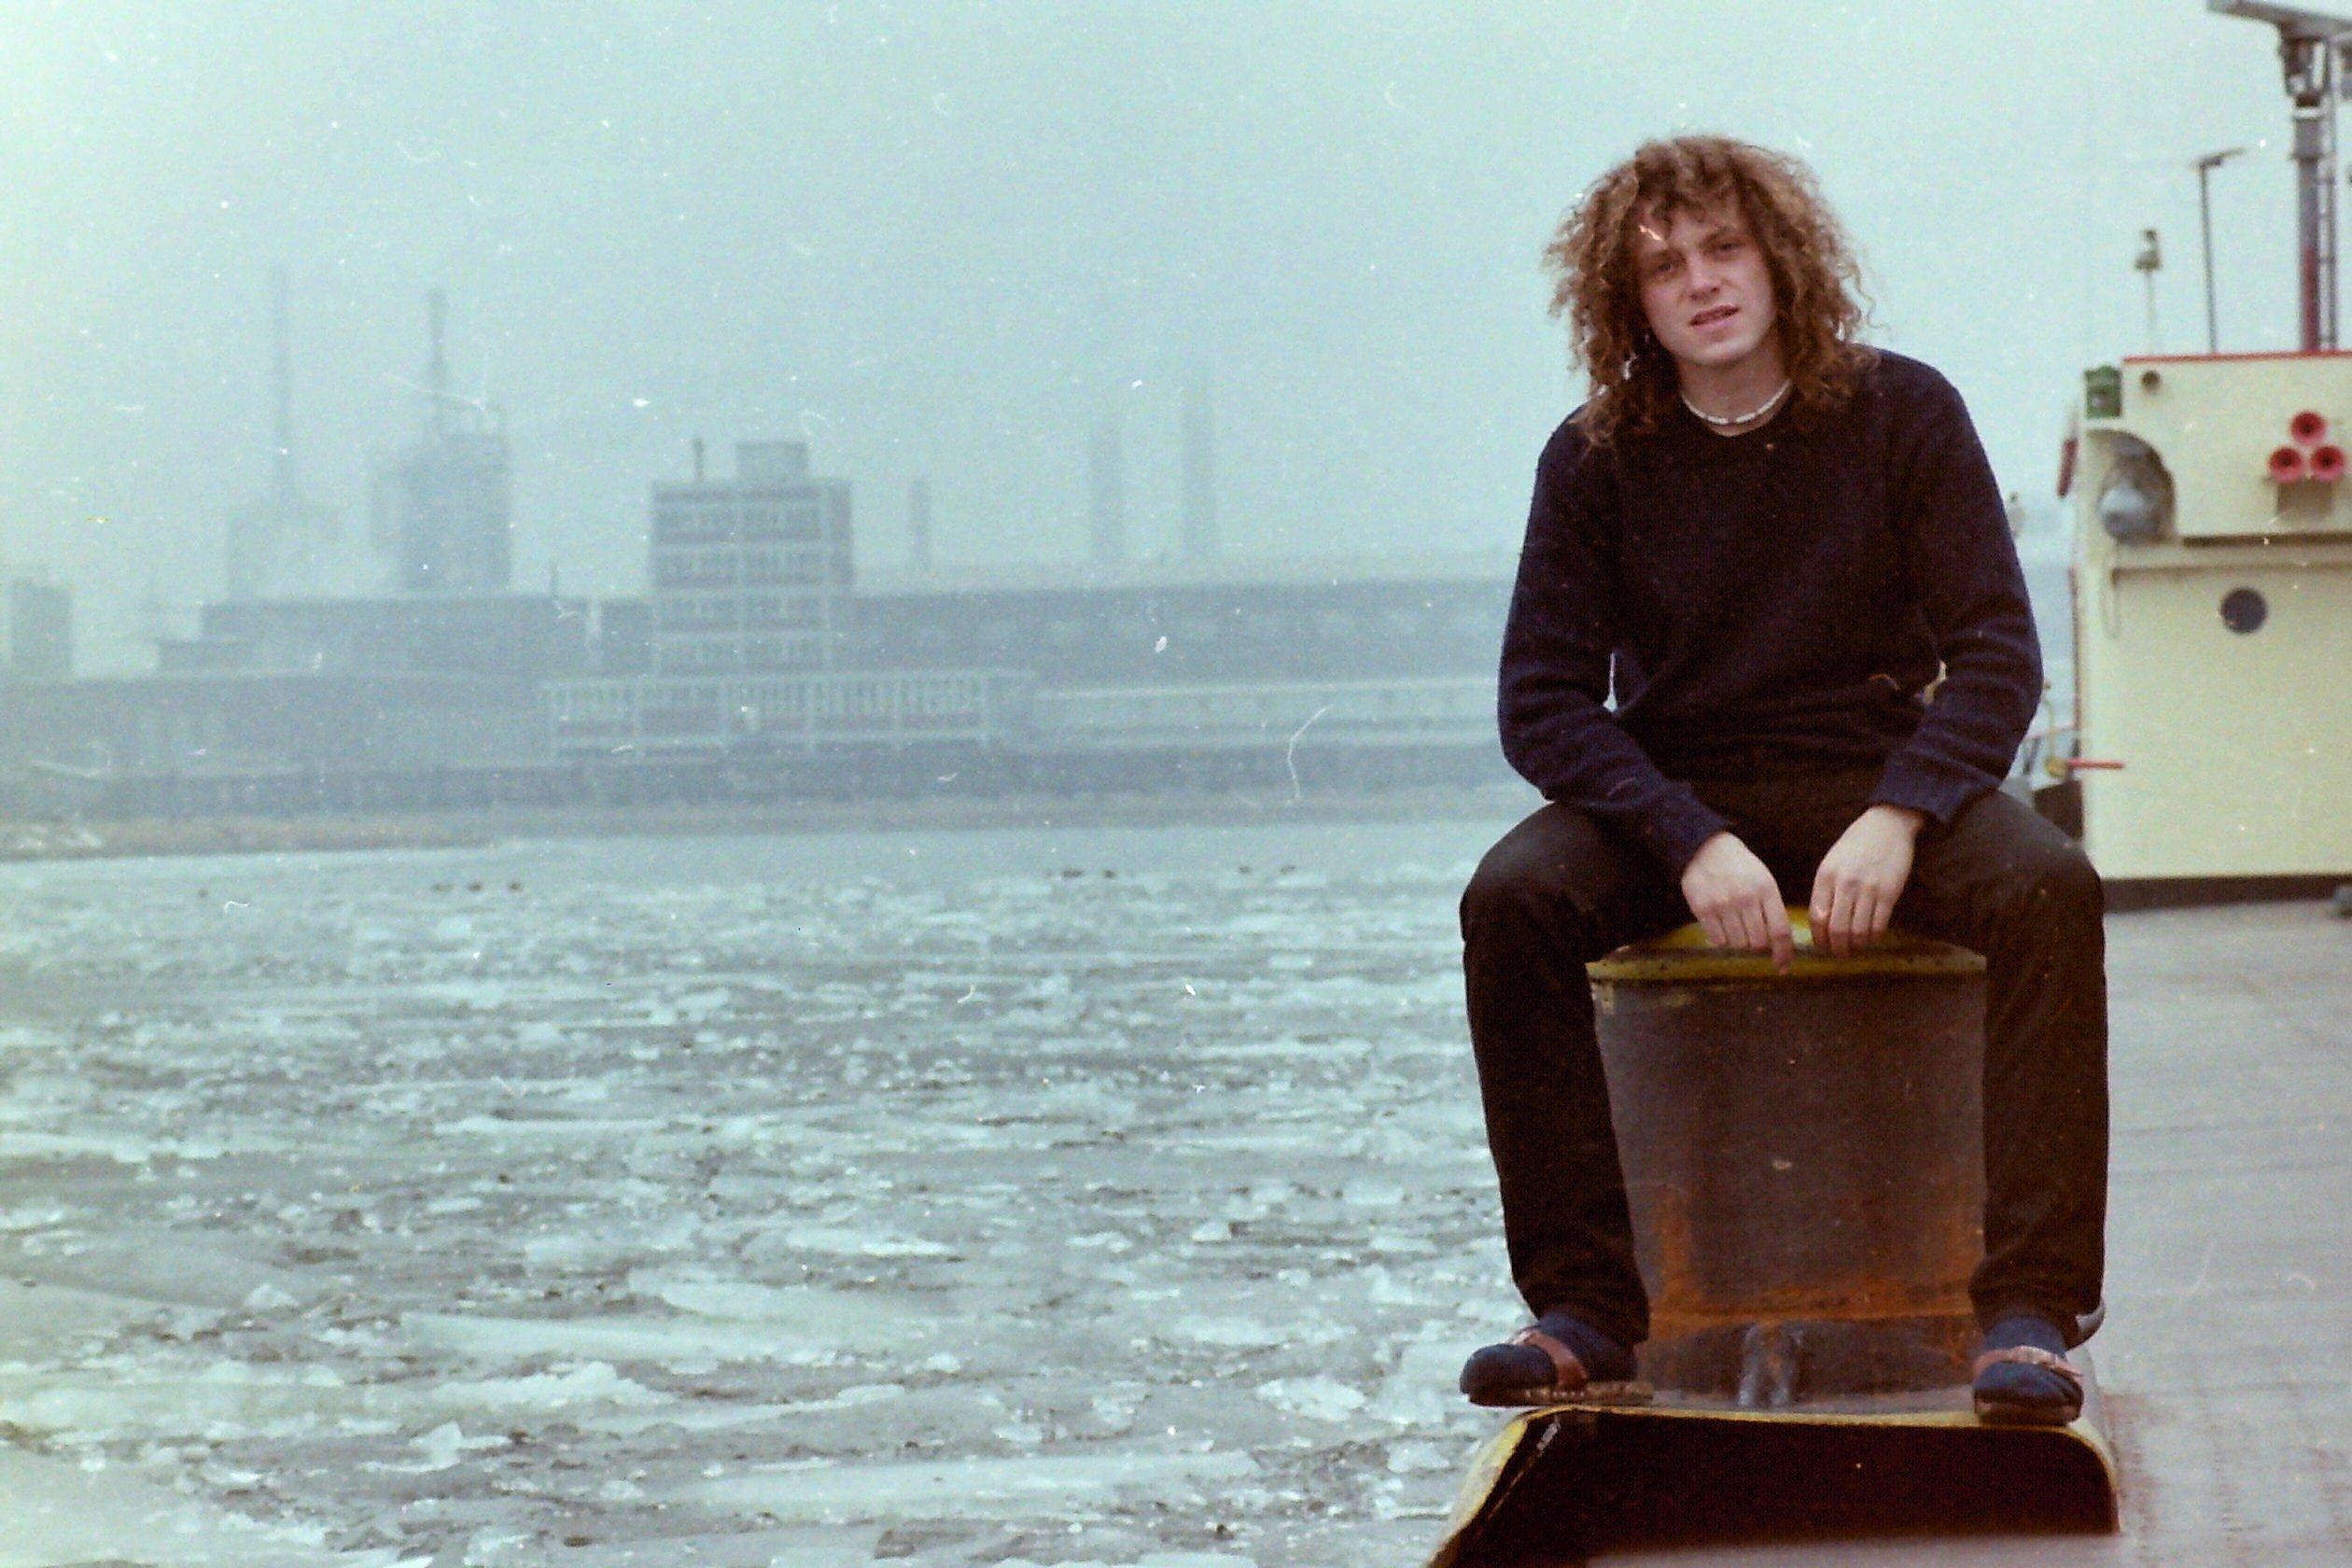 Junger Mann mit langen lockigen Haaren am Hafen